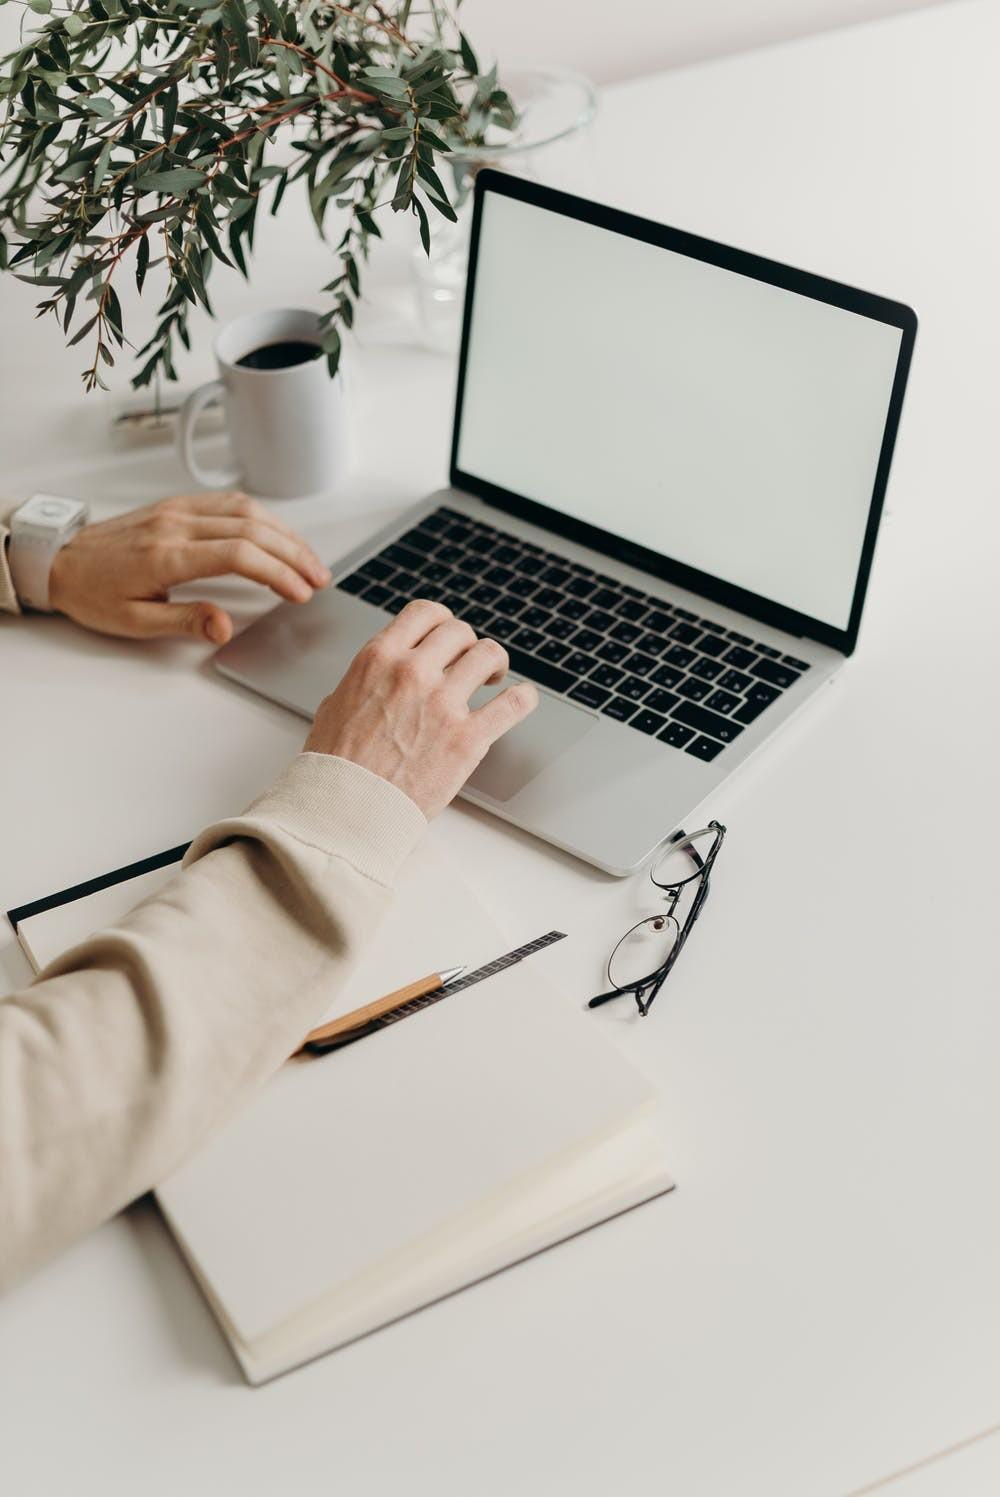 وبلاگ نویسی برای صاحبان مشاغل